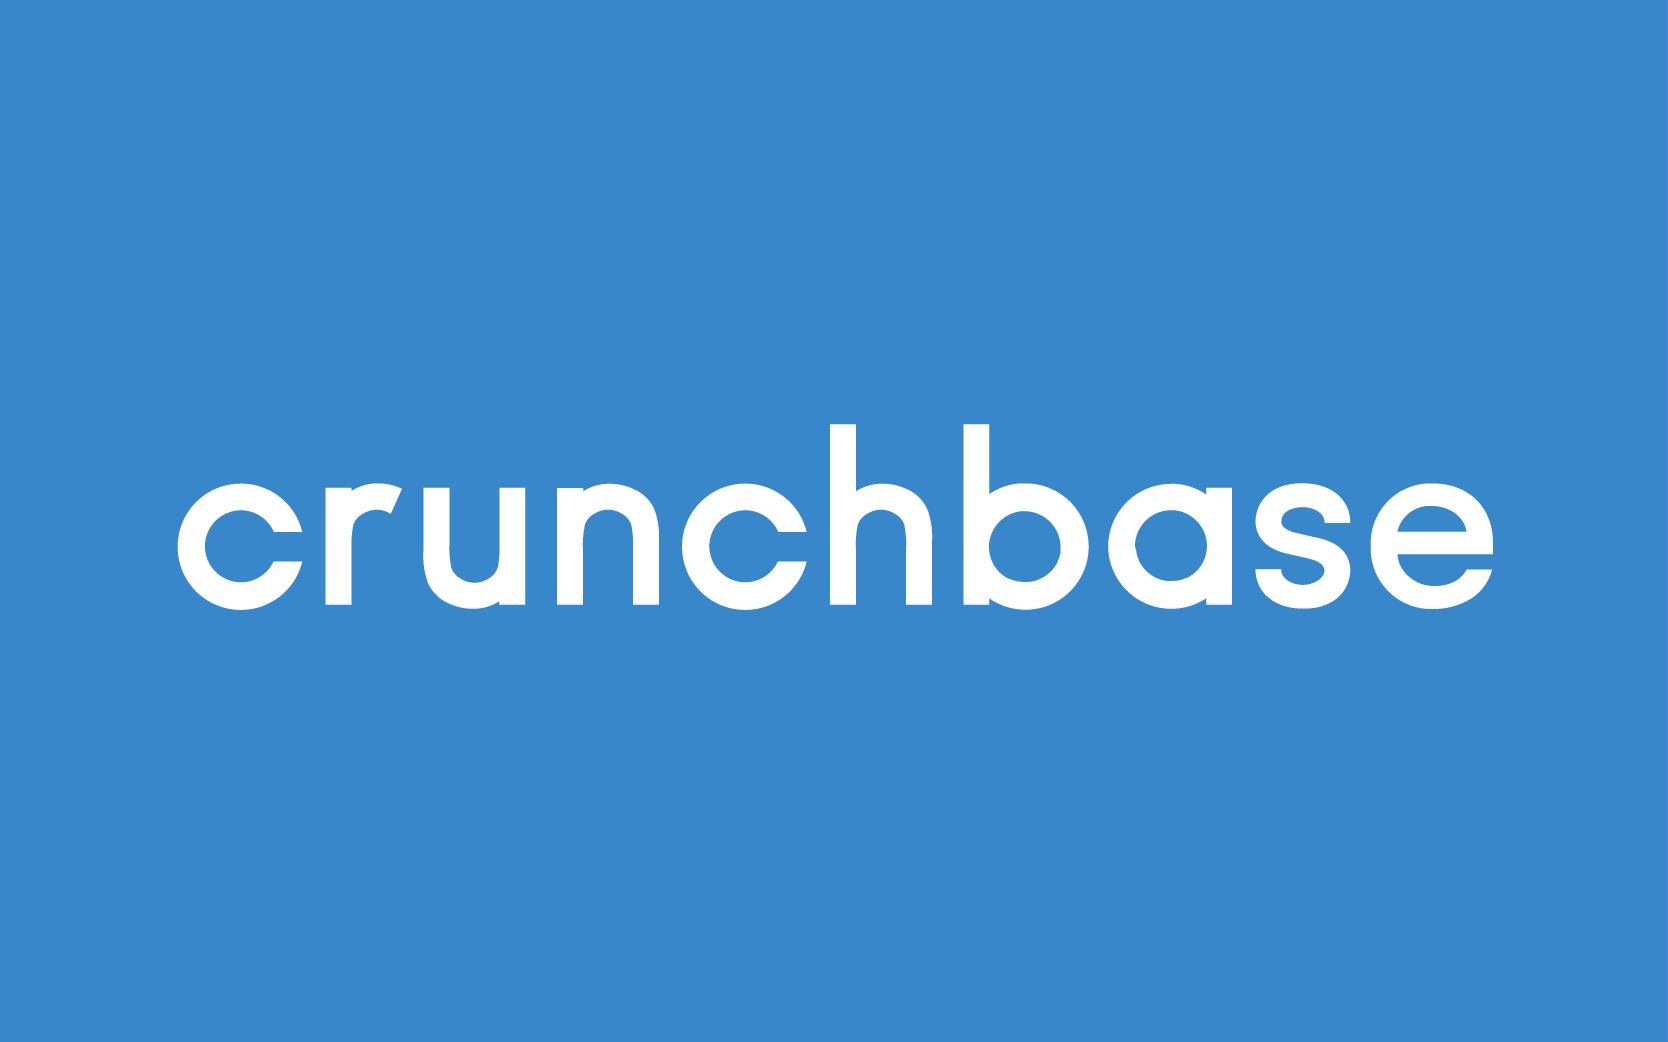 Crunchbase header image